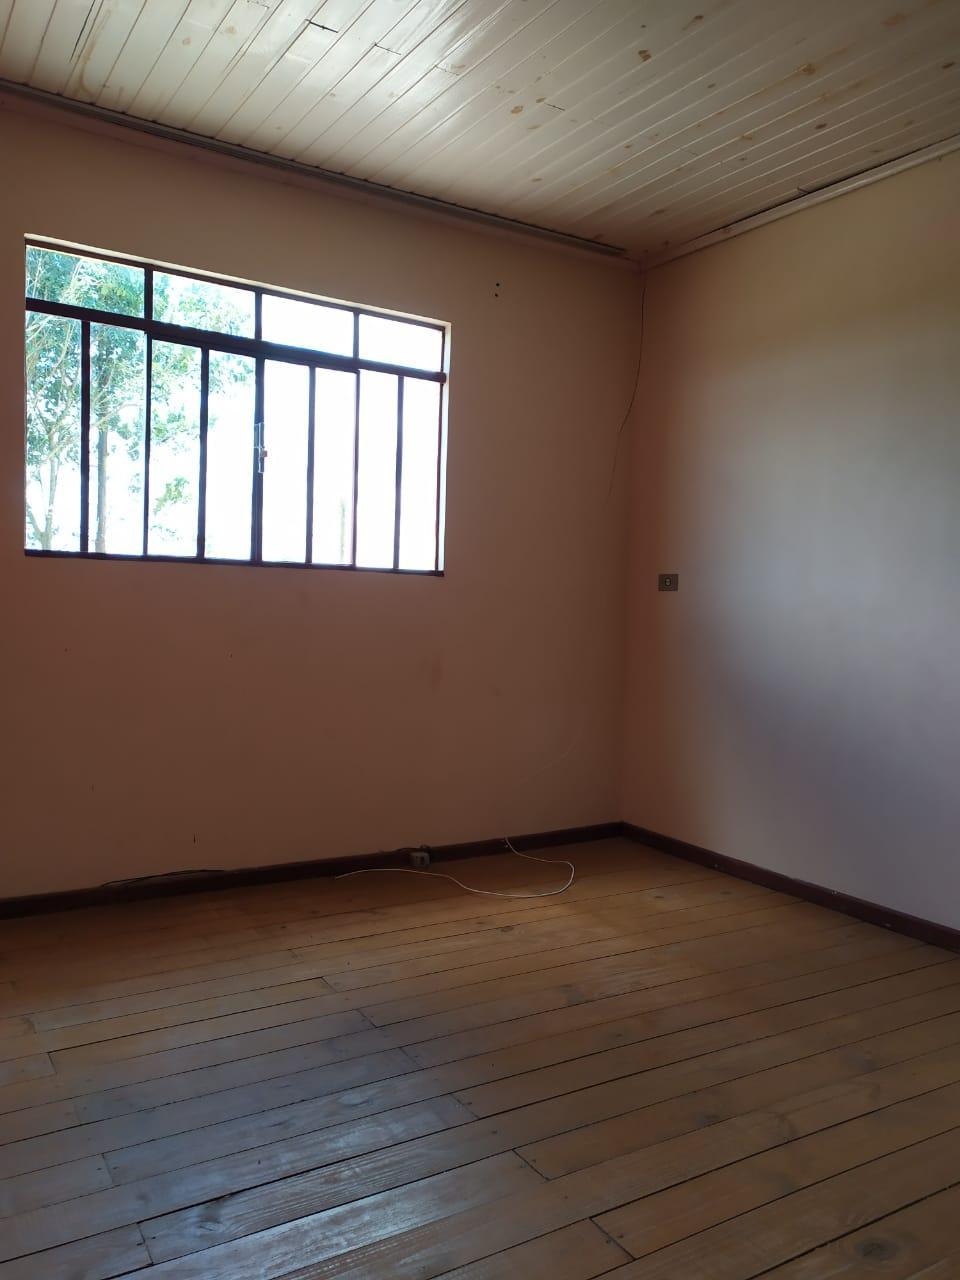 Residência em alvenaria para alugar no bairro Engenho velho